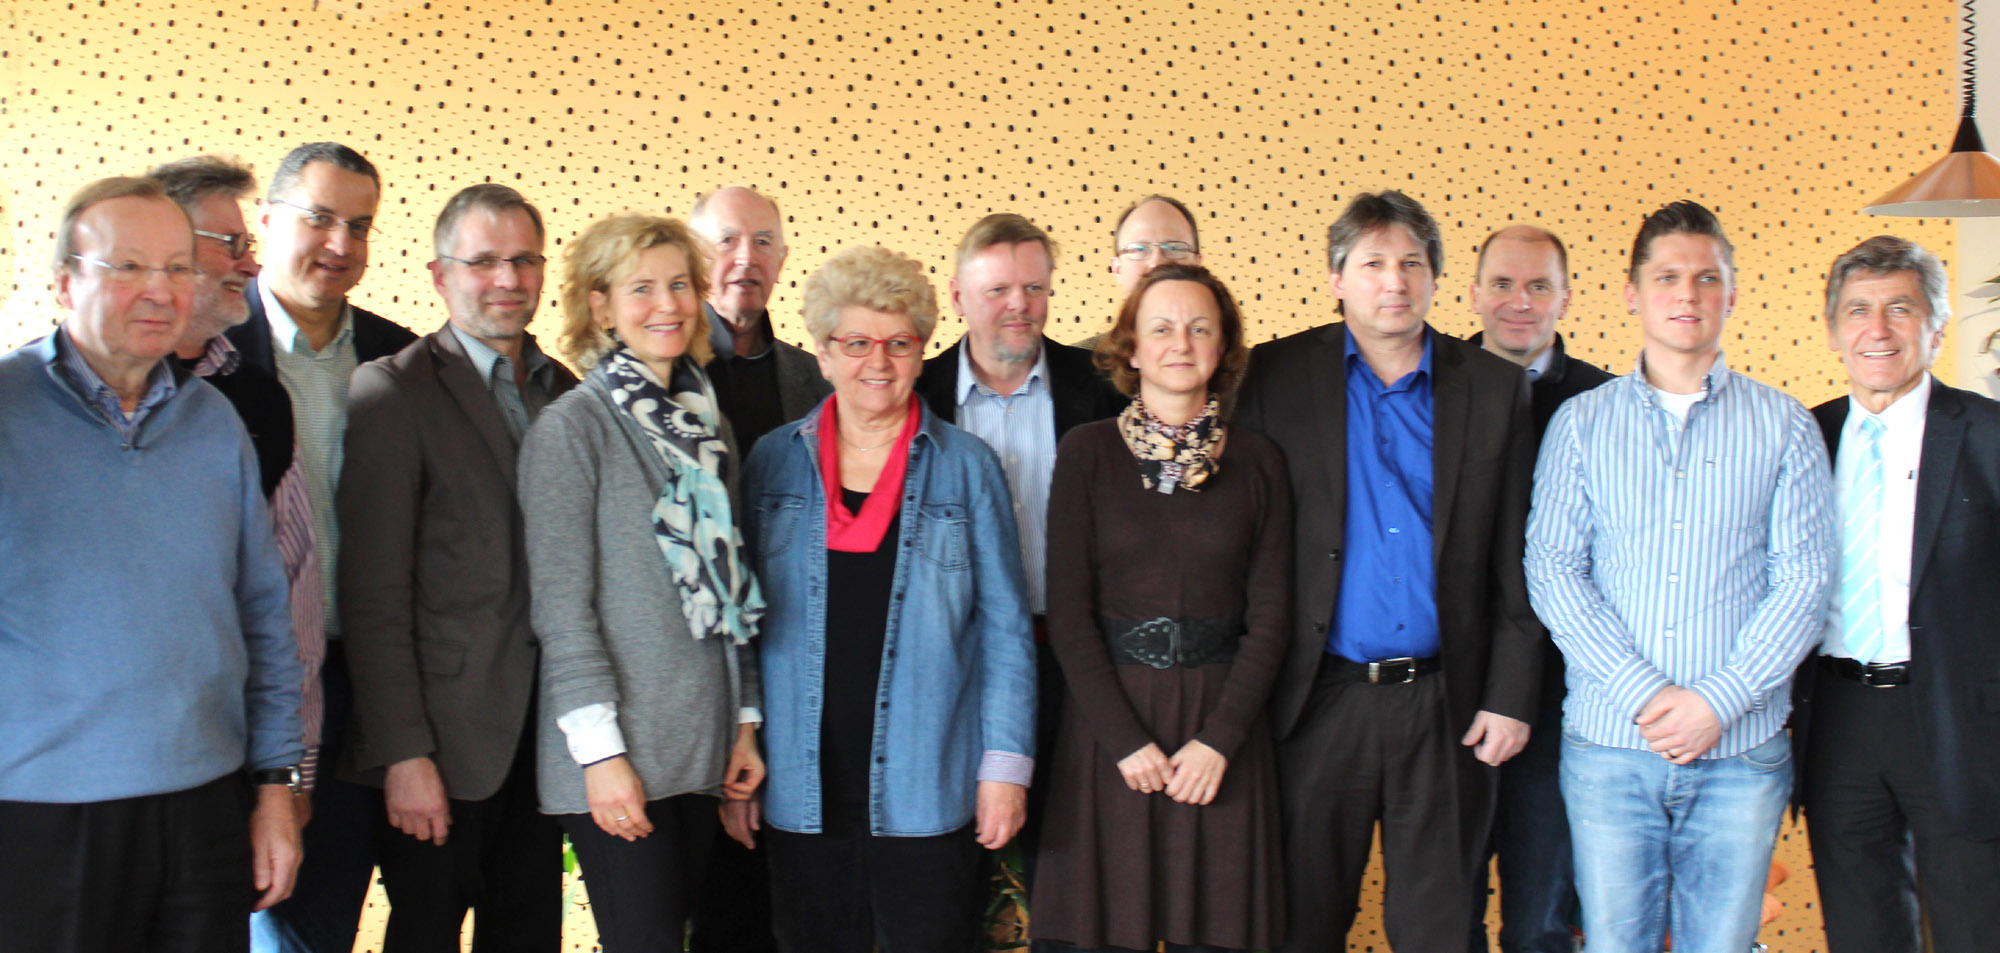 Kandidatinnen und Kandidaten sowie Mitglieder des Organisationsteams von Freiburg Lebenswert